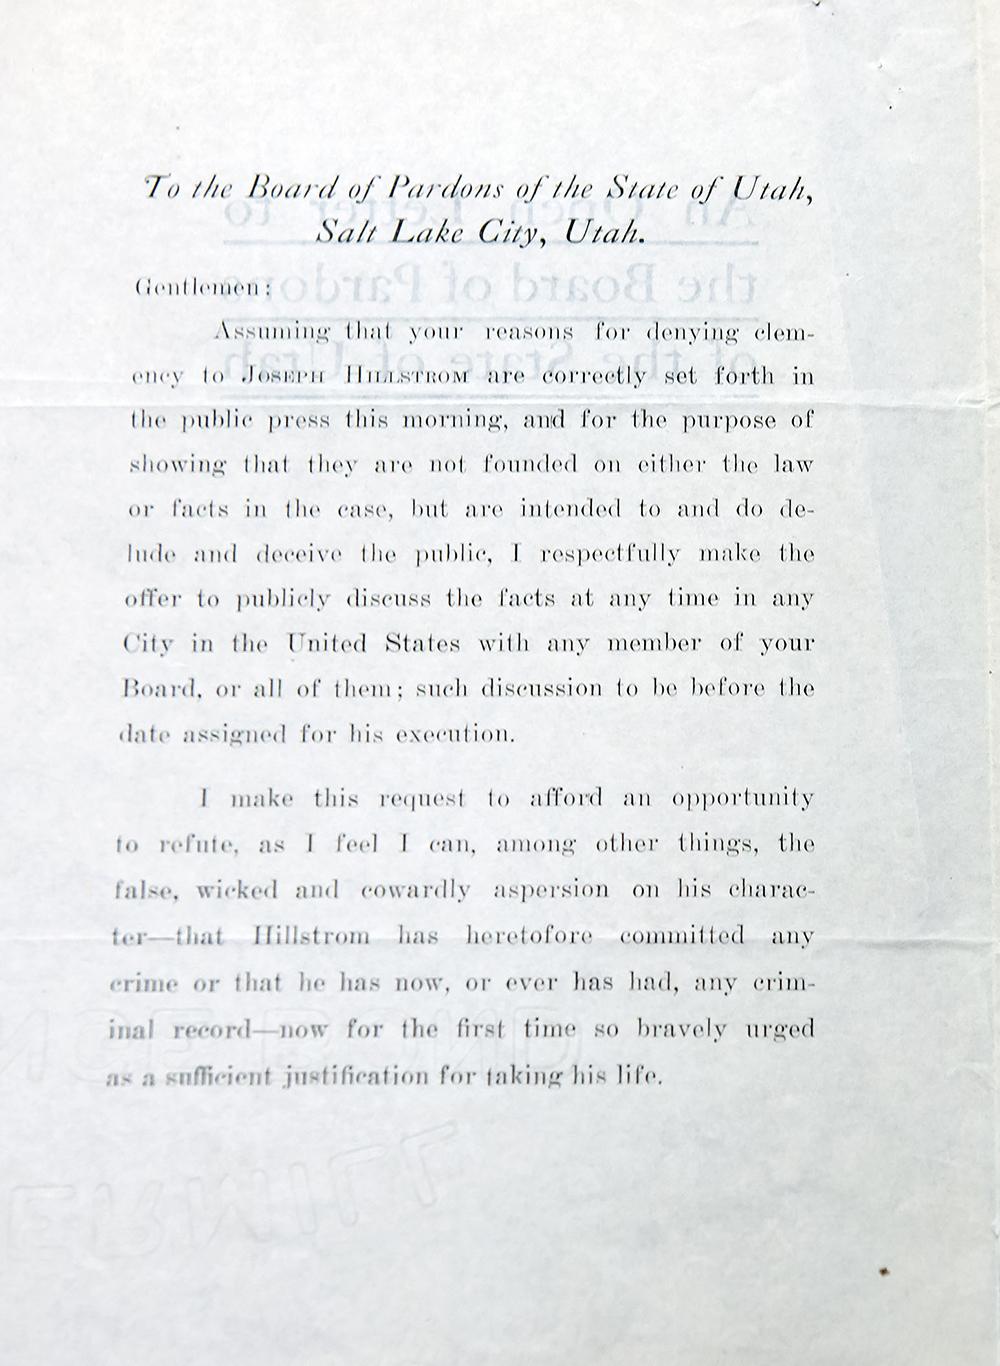 Joe Hill case — Letters